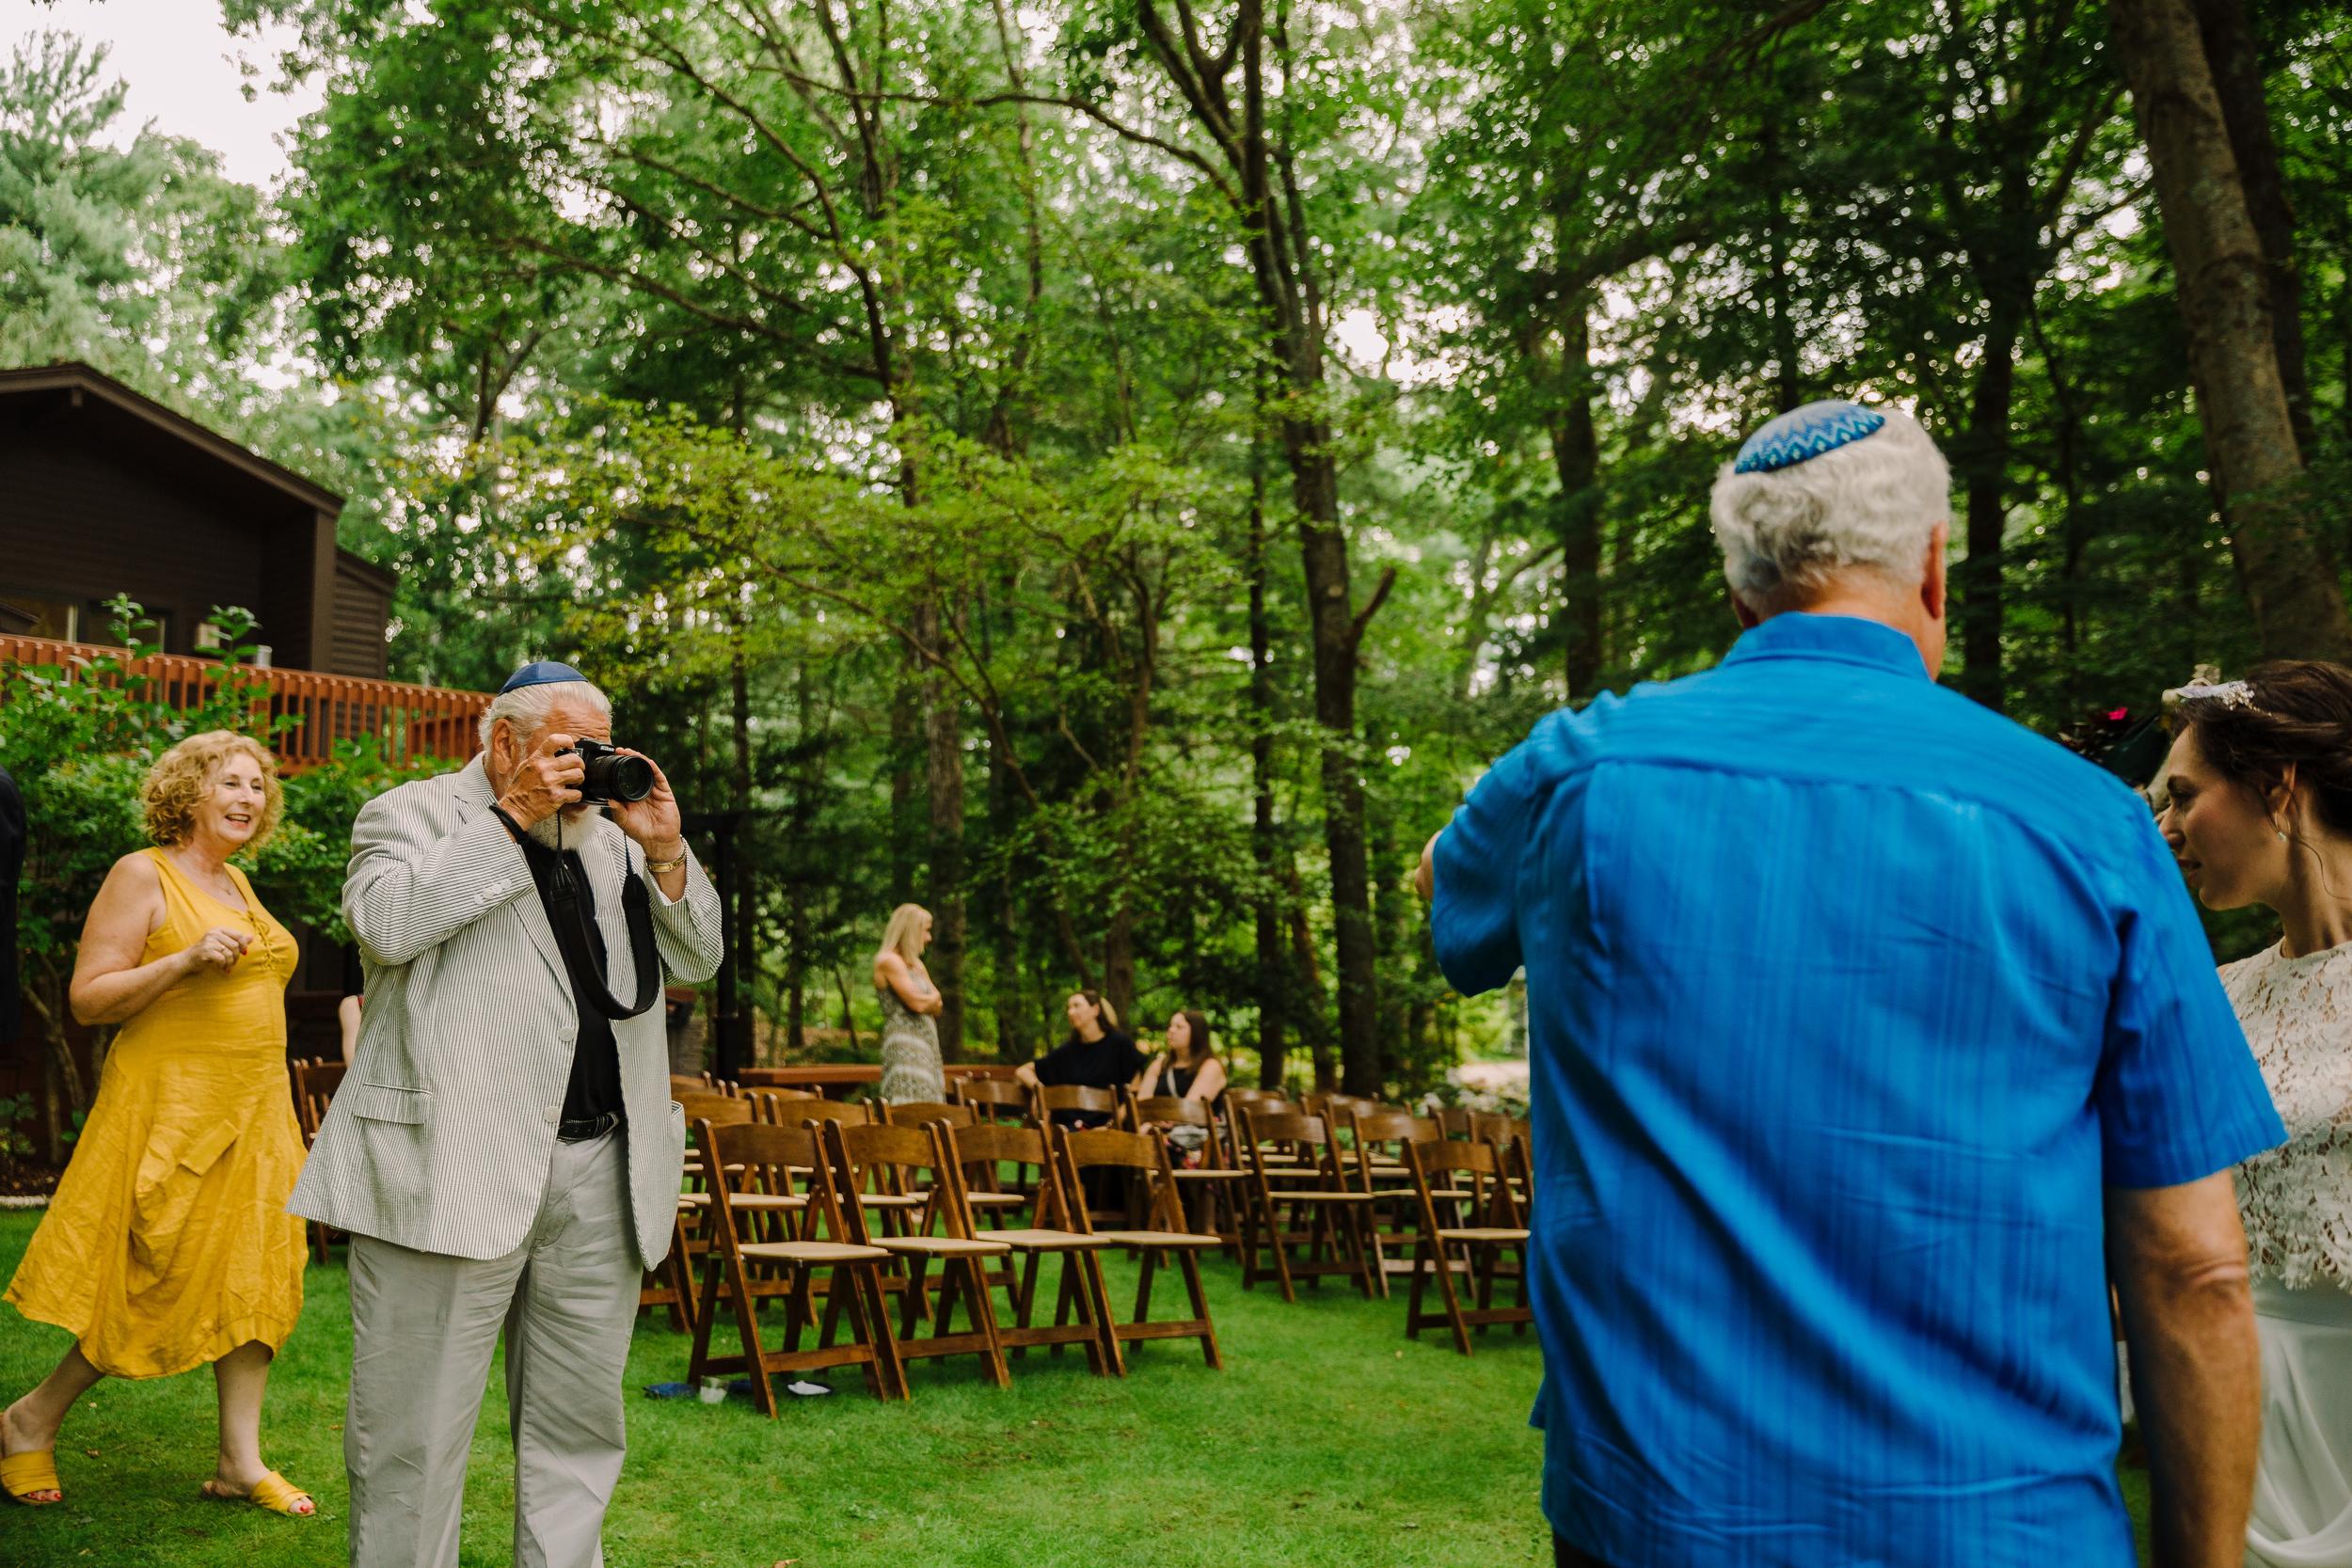 capecod_backyard_wedding_photos_mikhail_14.JPG